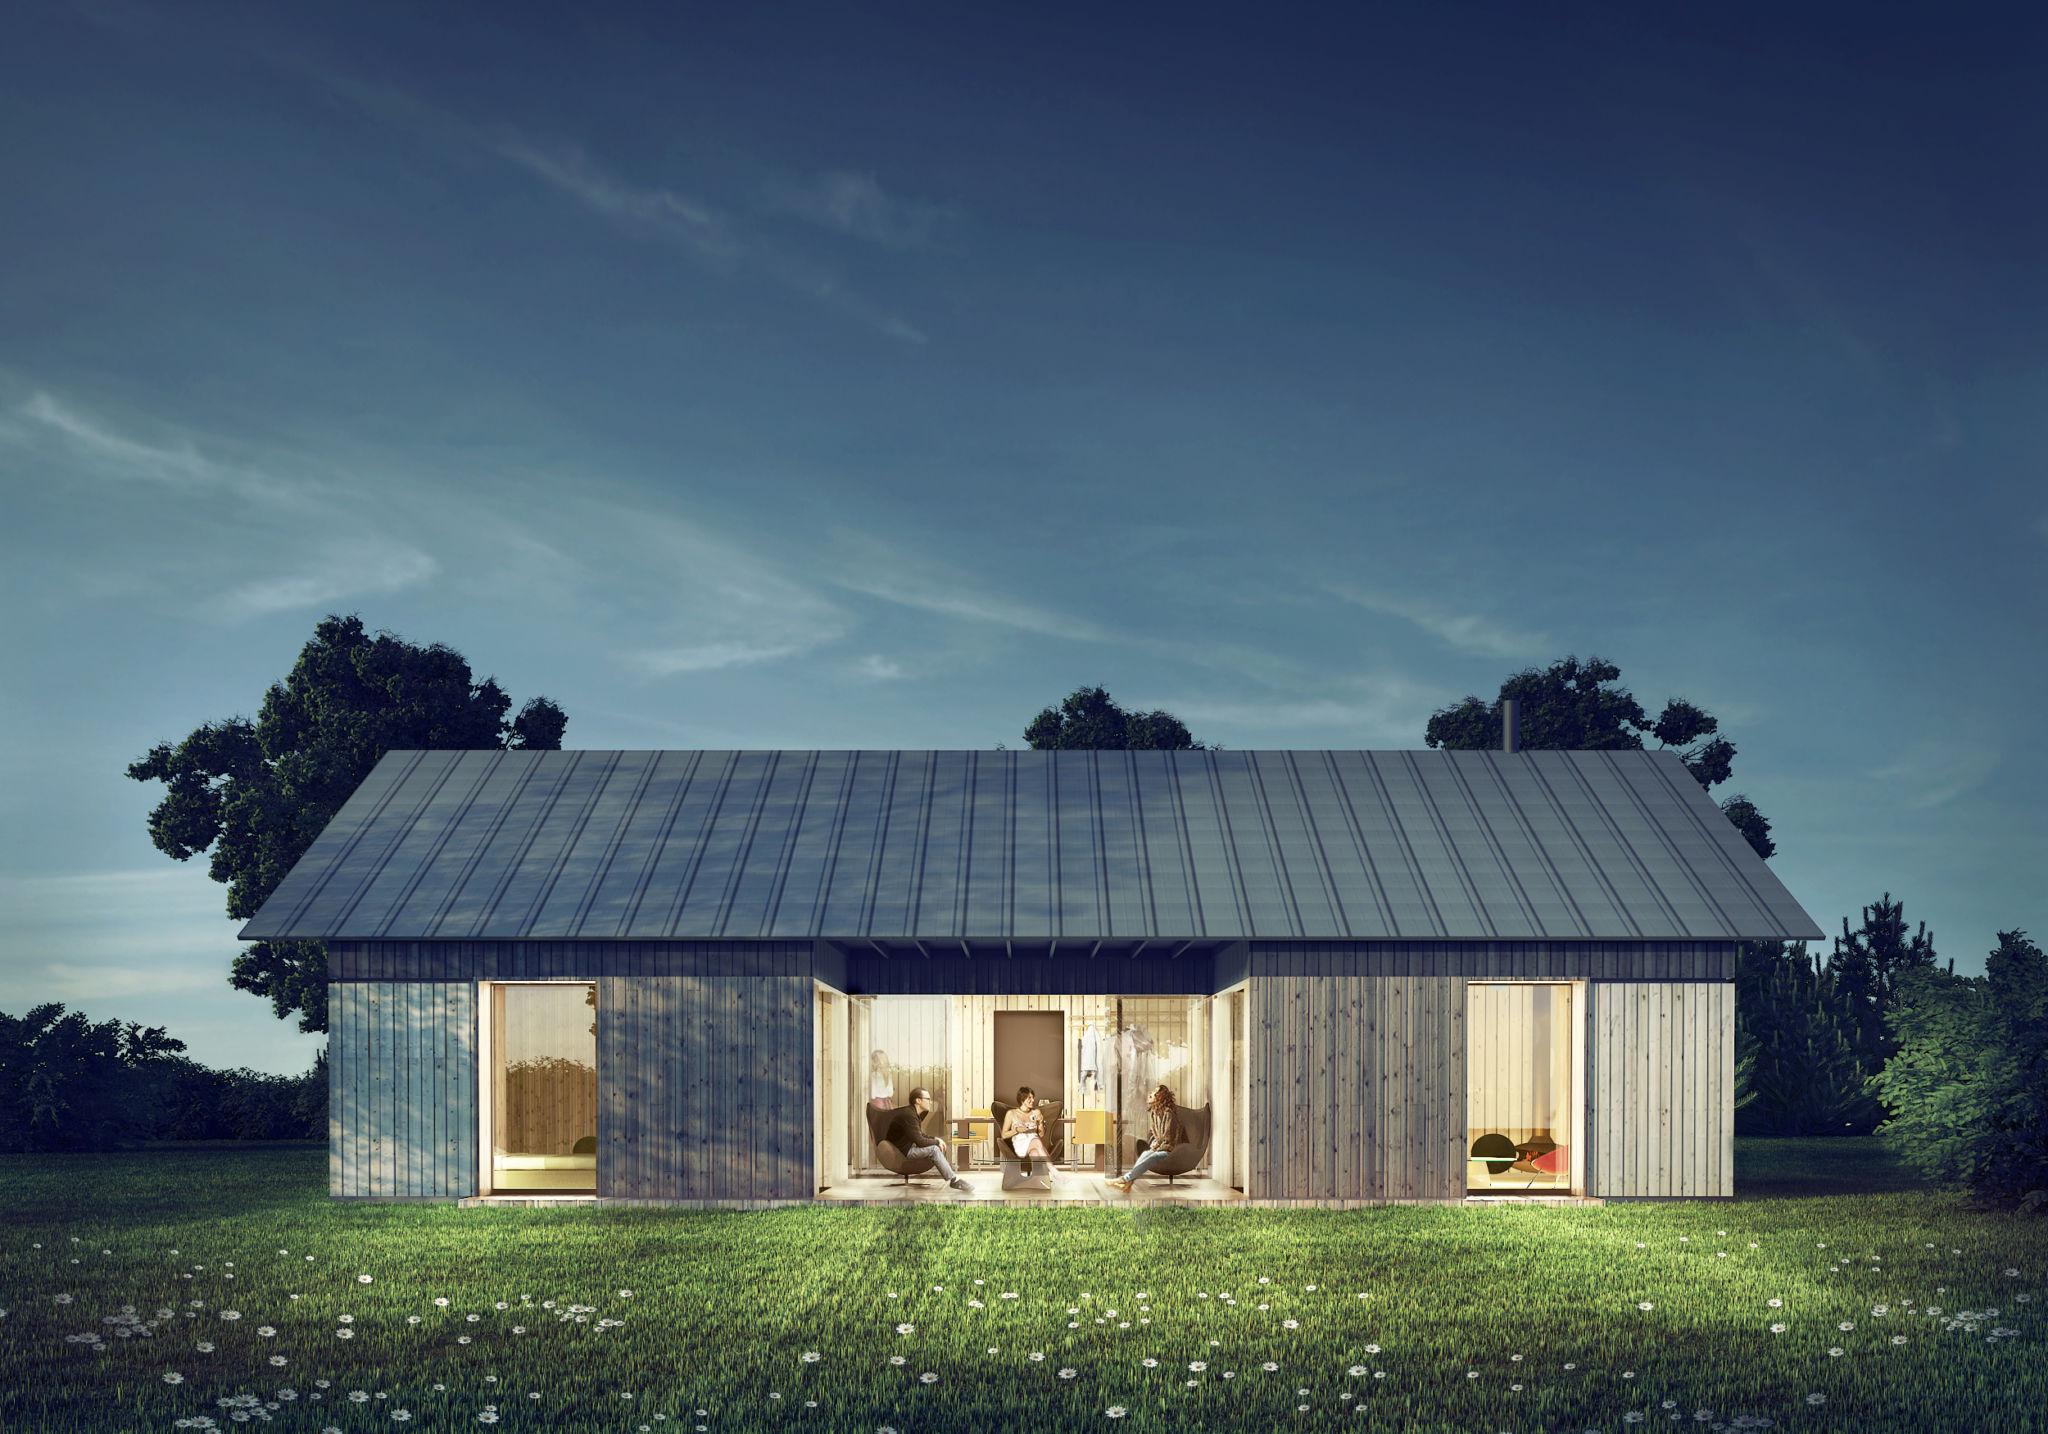 Domki w Całowaniu inspirowane hytte